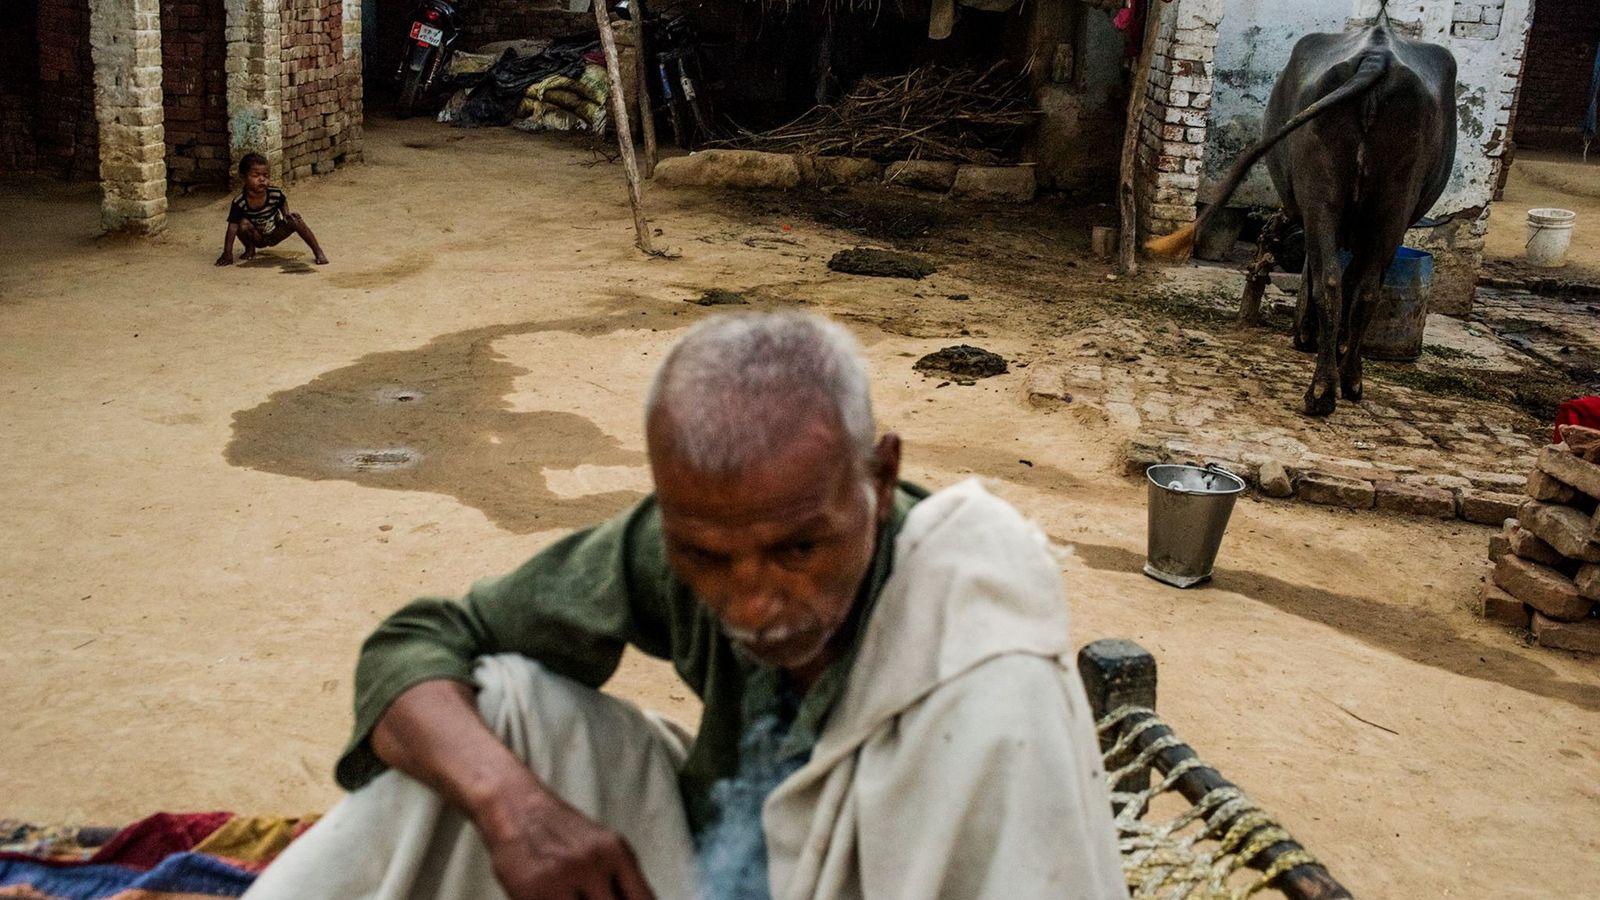 Mitglied einer niederen Hindu-Kaste